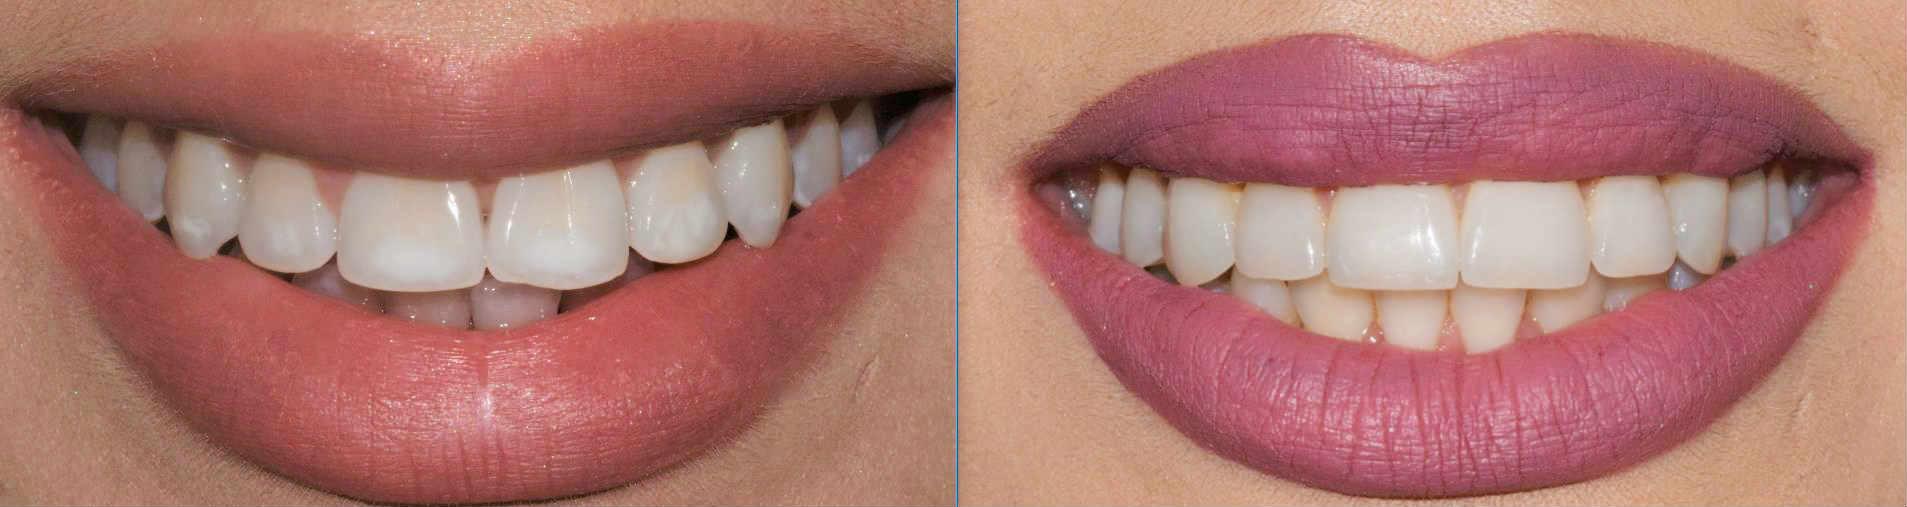 Trakice za izbeljivanje zuba forum